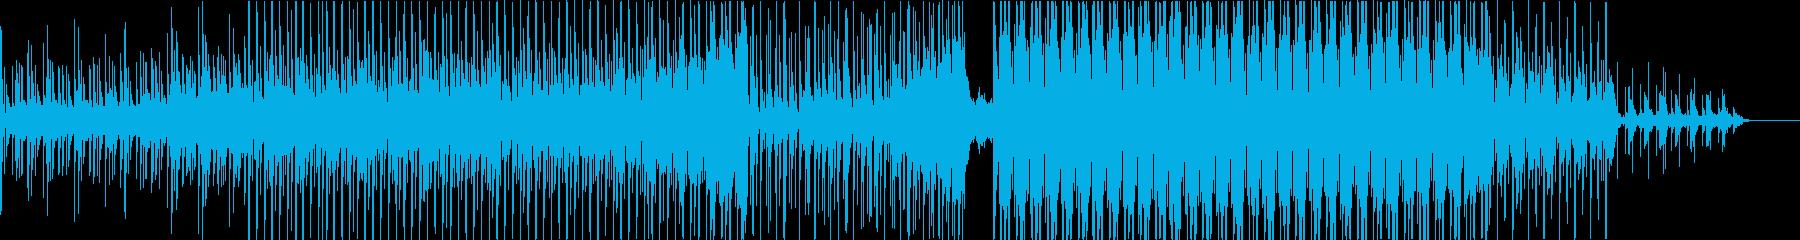 明るい雰囲気の四つ打ちミニマルエレクトロの再生済みの波形